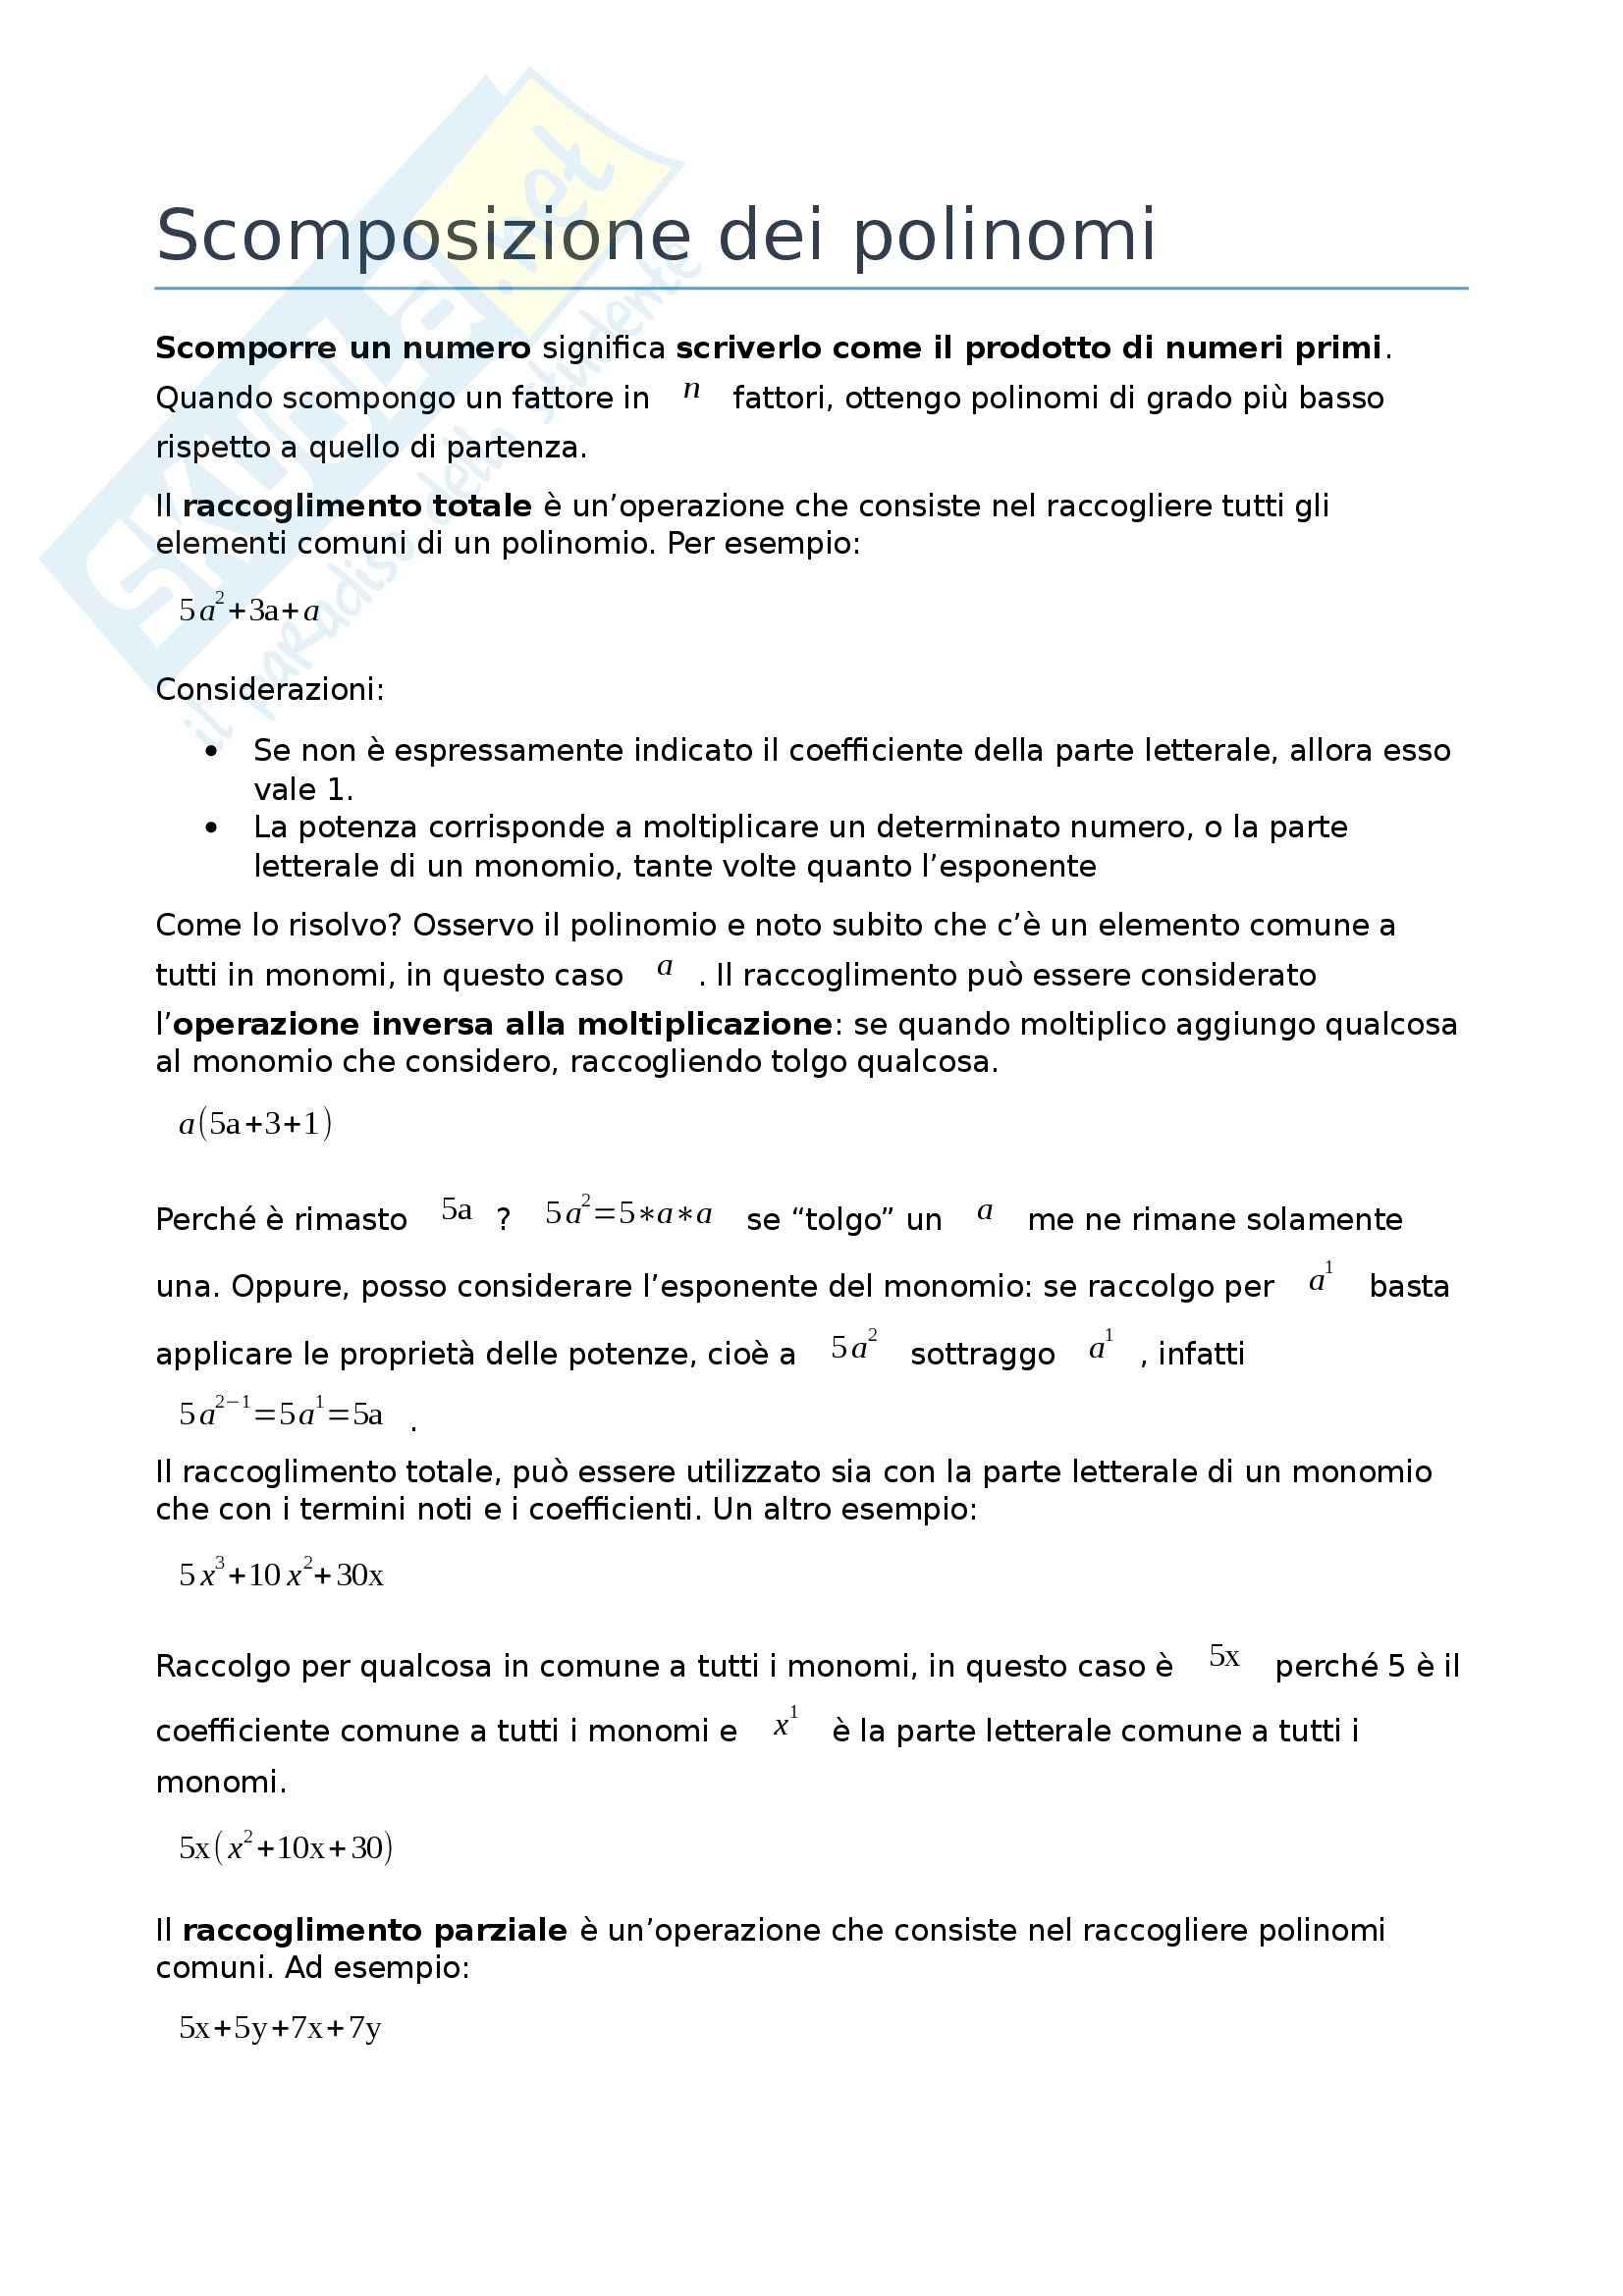 Matematica - Scomposizione dei polinomi e prodotti notevoli